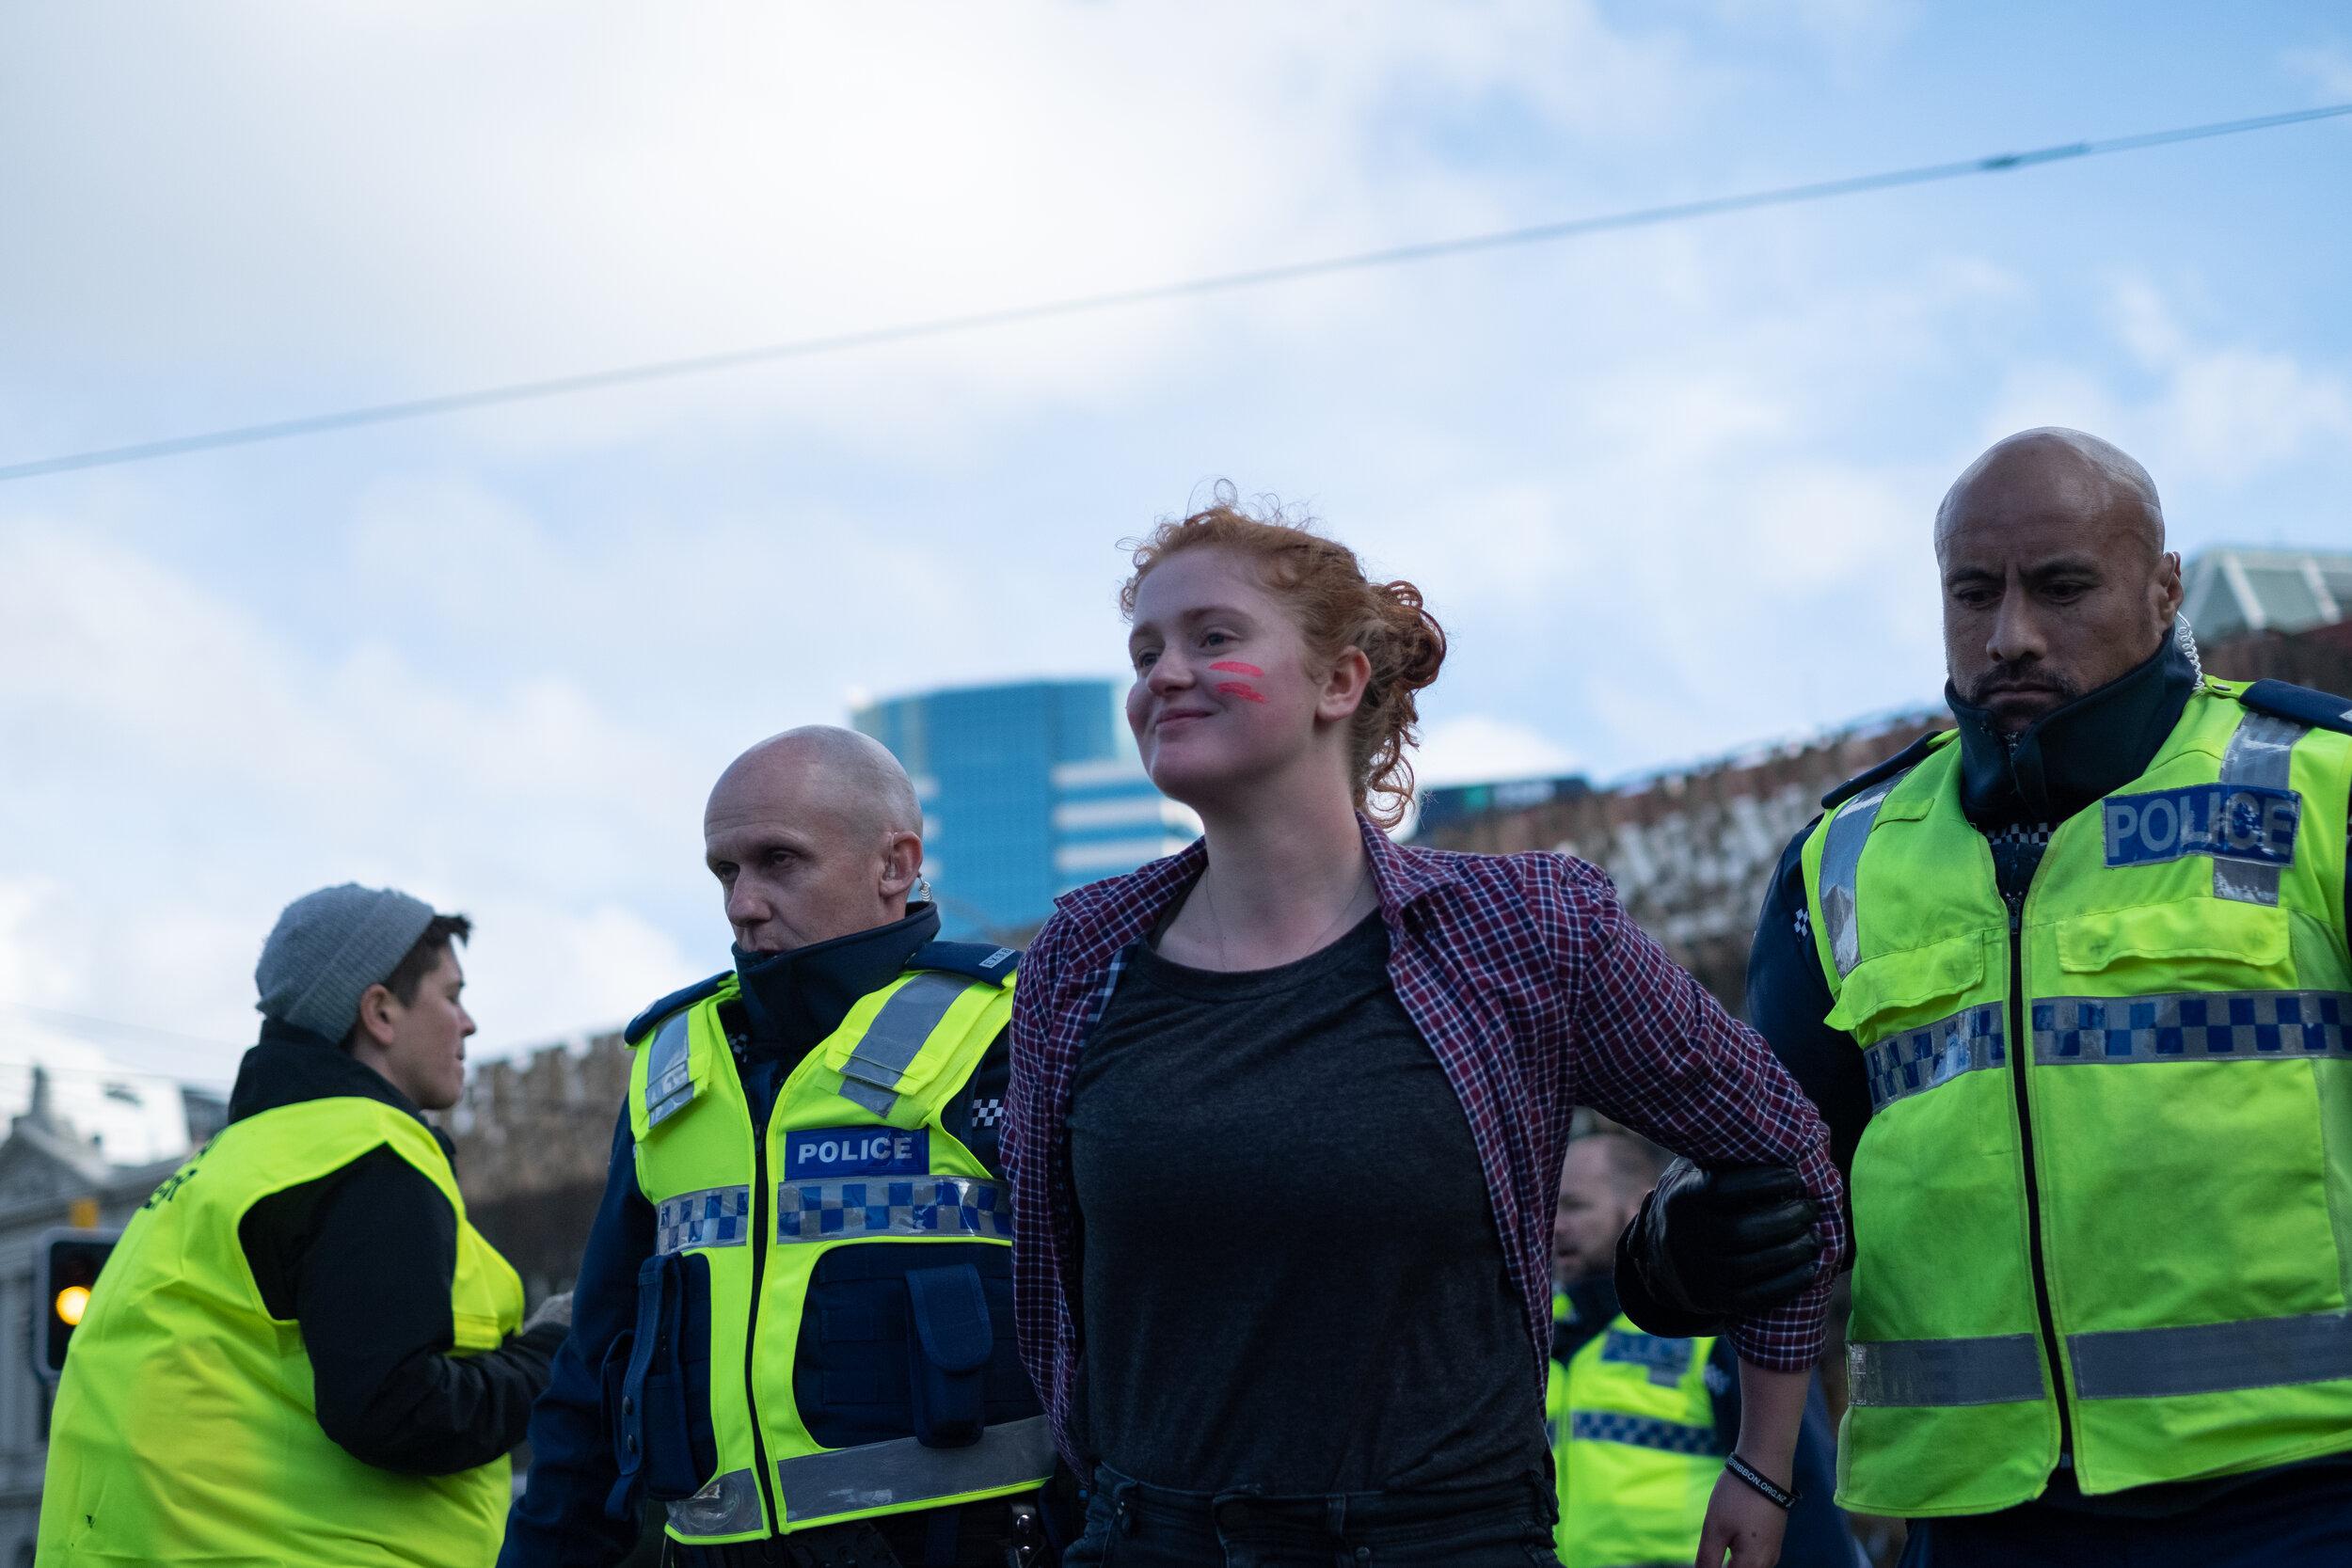 arrest-4.jpg